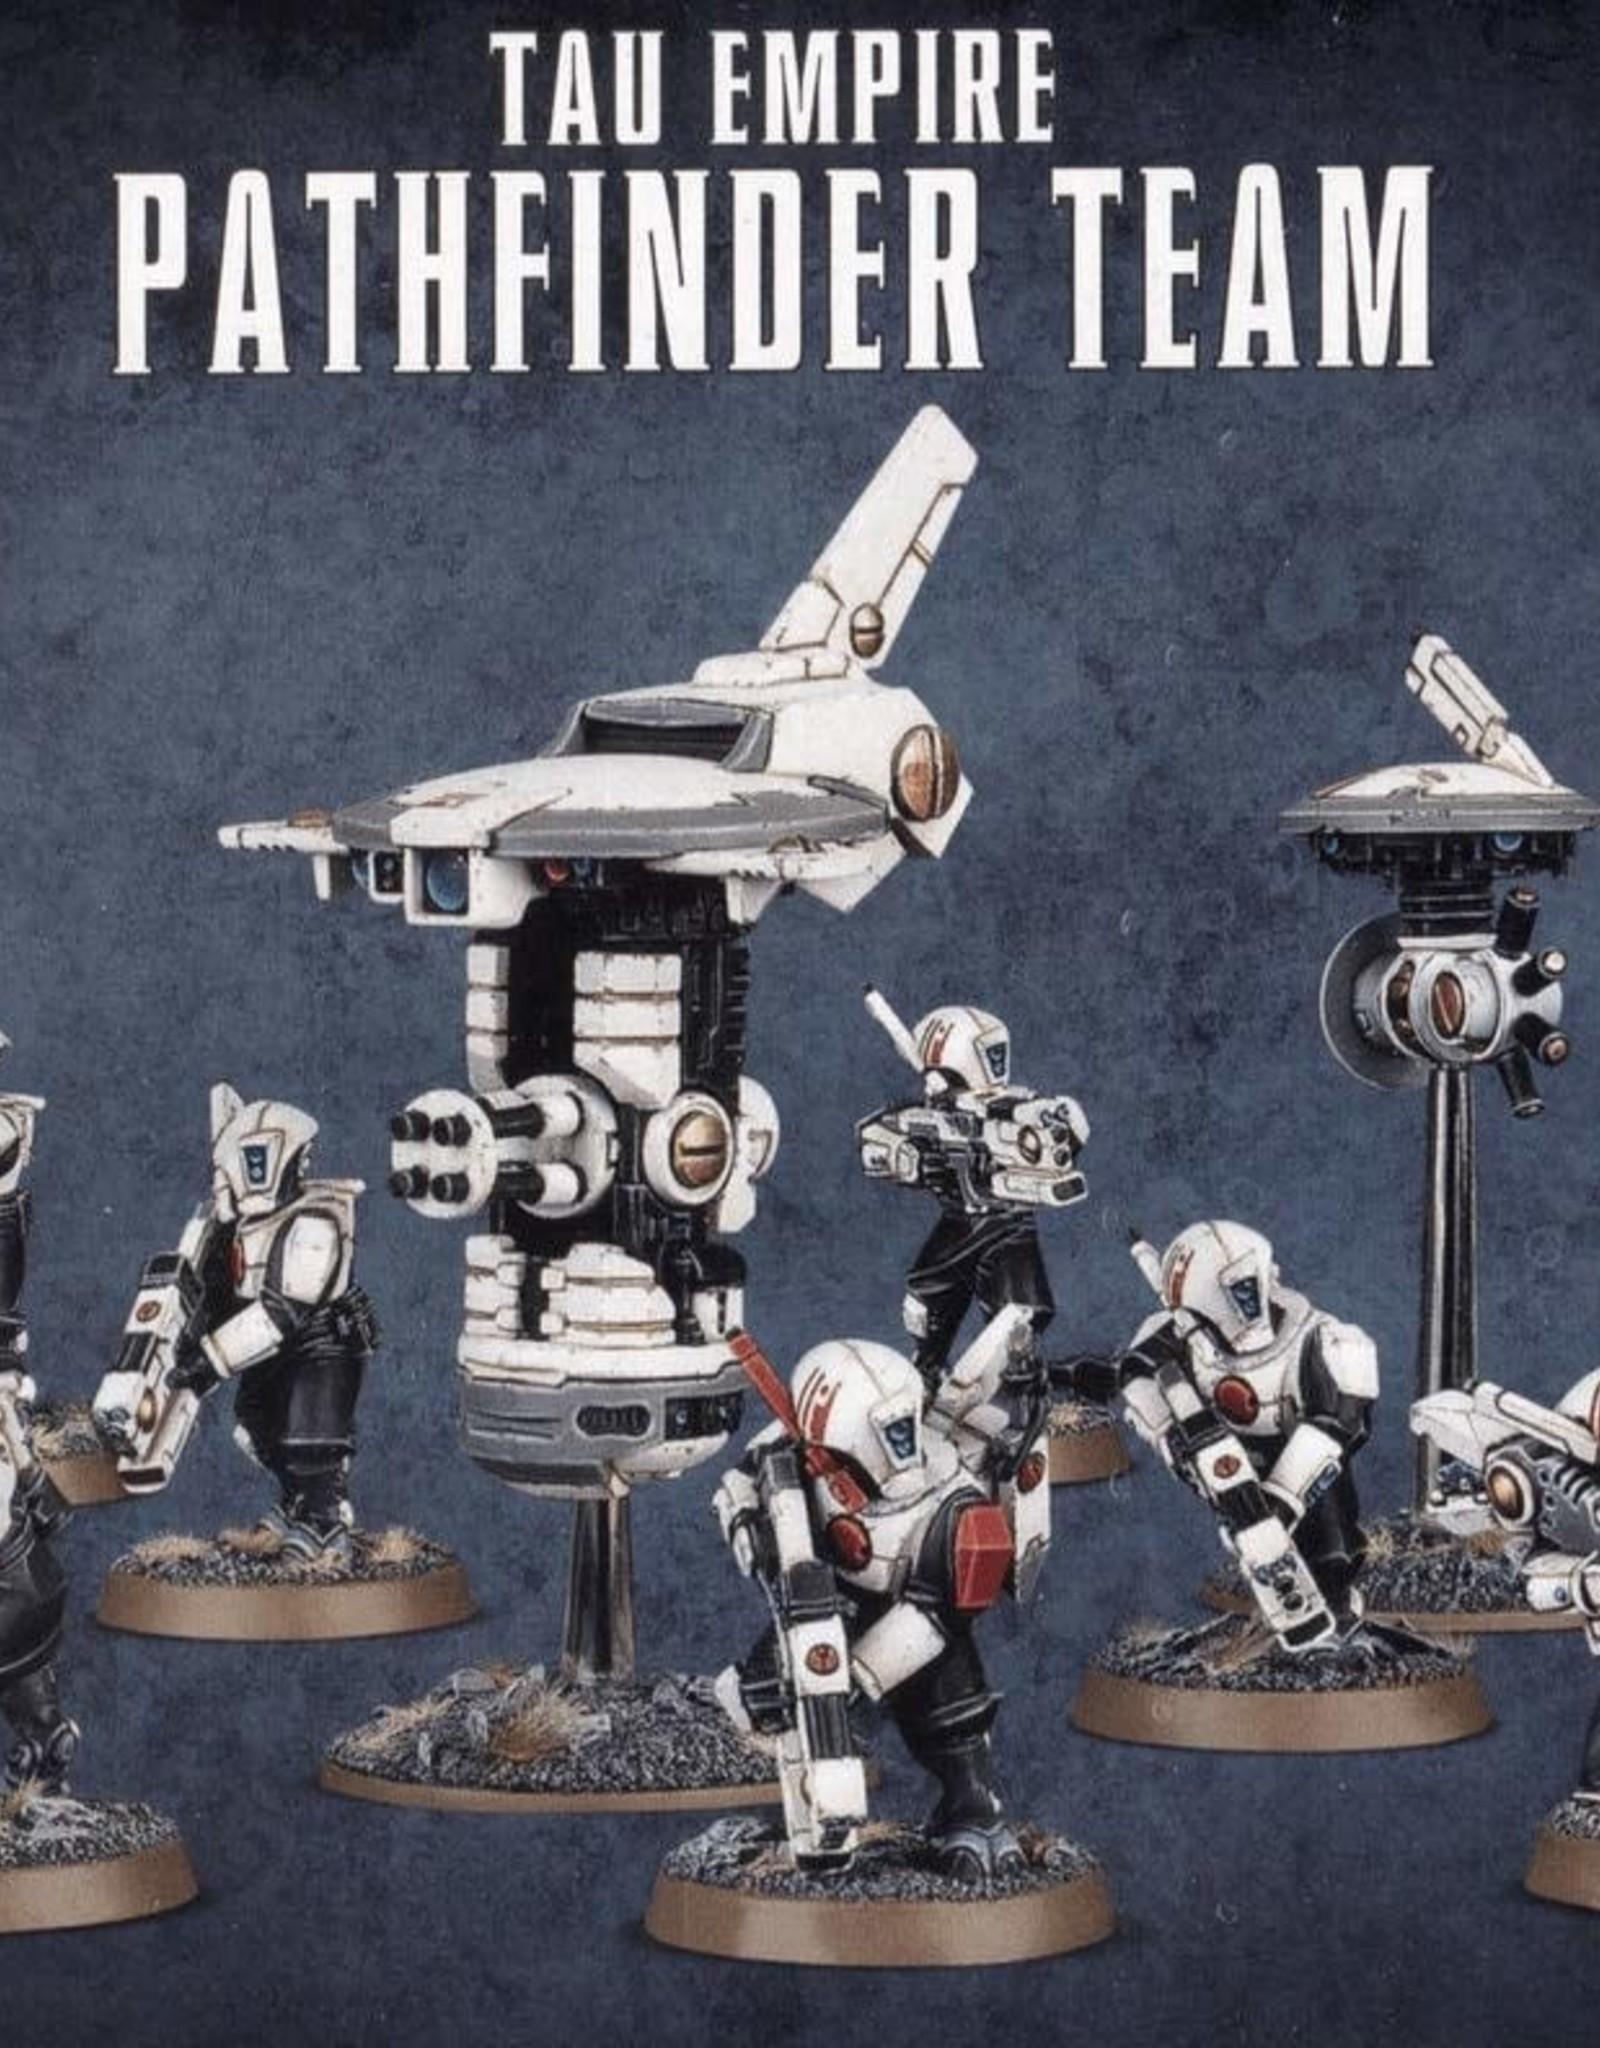 Warhammer 40K Tau Empire Pathfinder Team